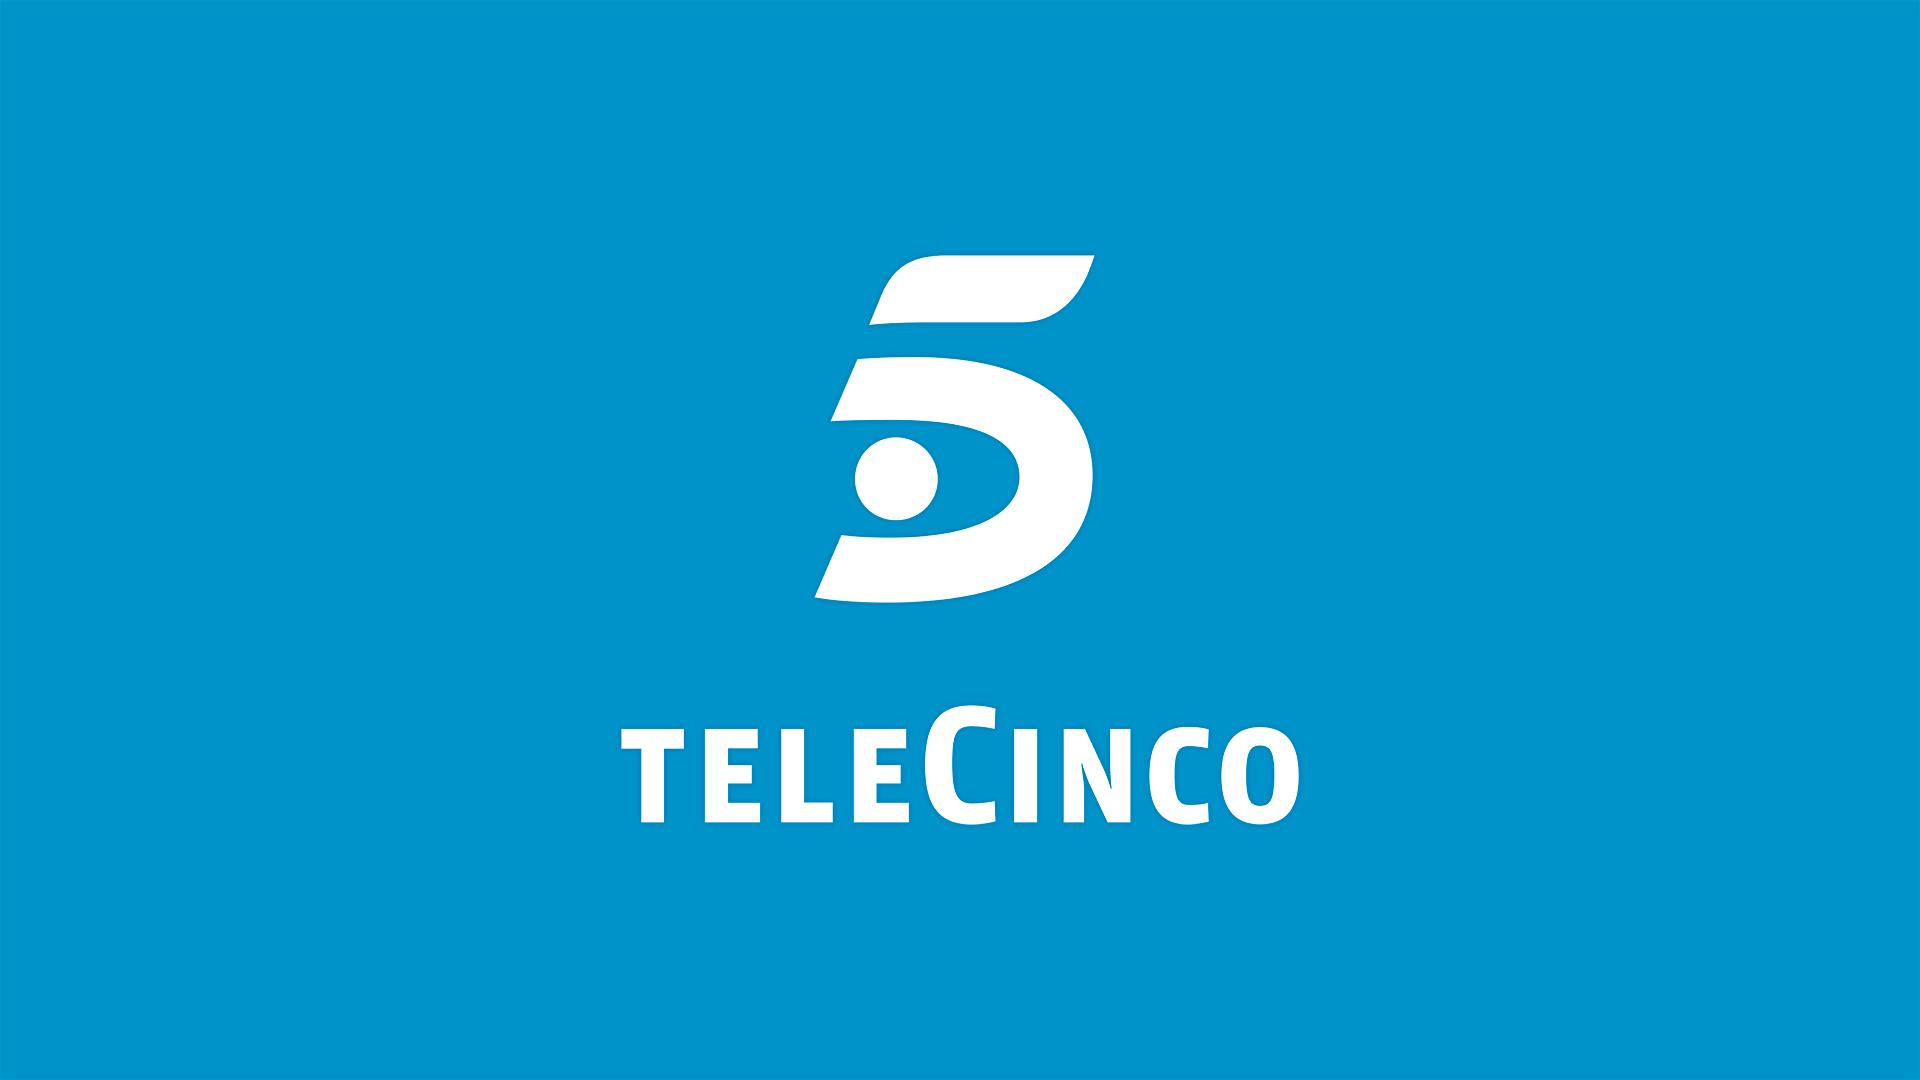 Telecinco publicidad